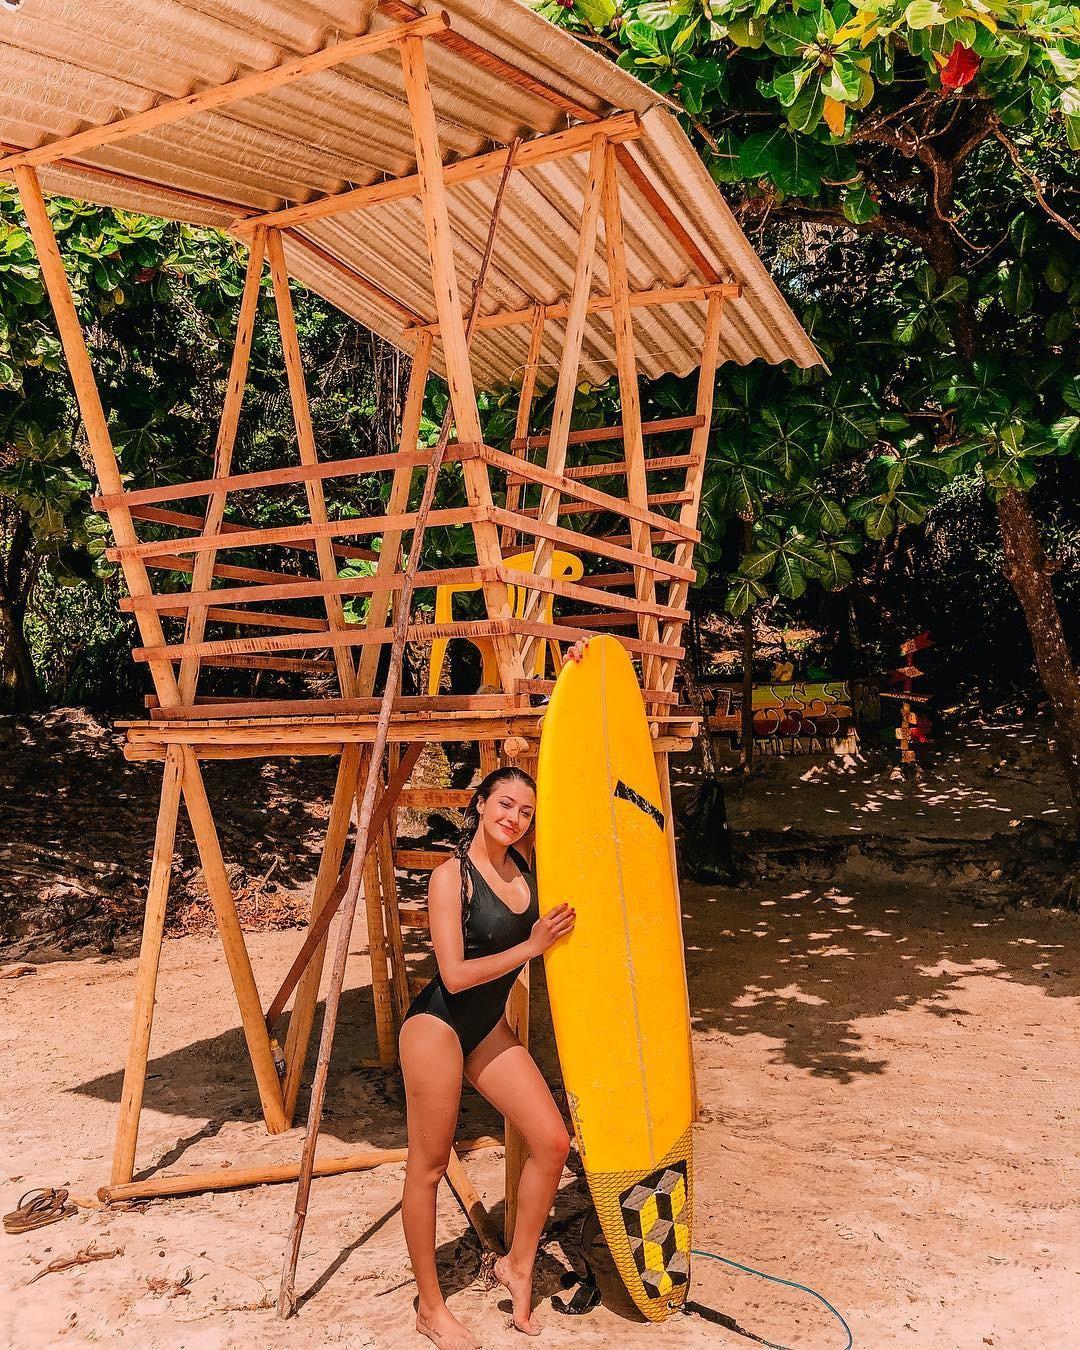 Carol Oliveira e sua prancha em Itacaré (Foto: Reprodução/Instagram)